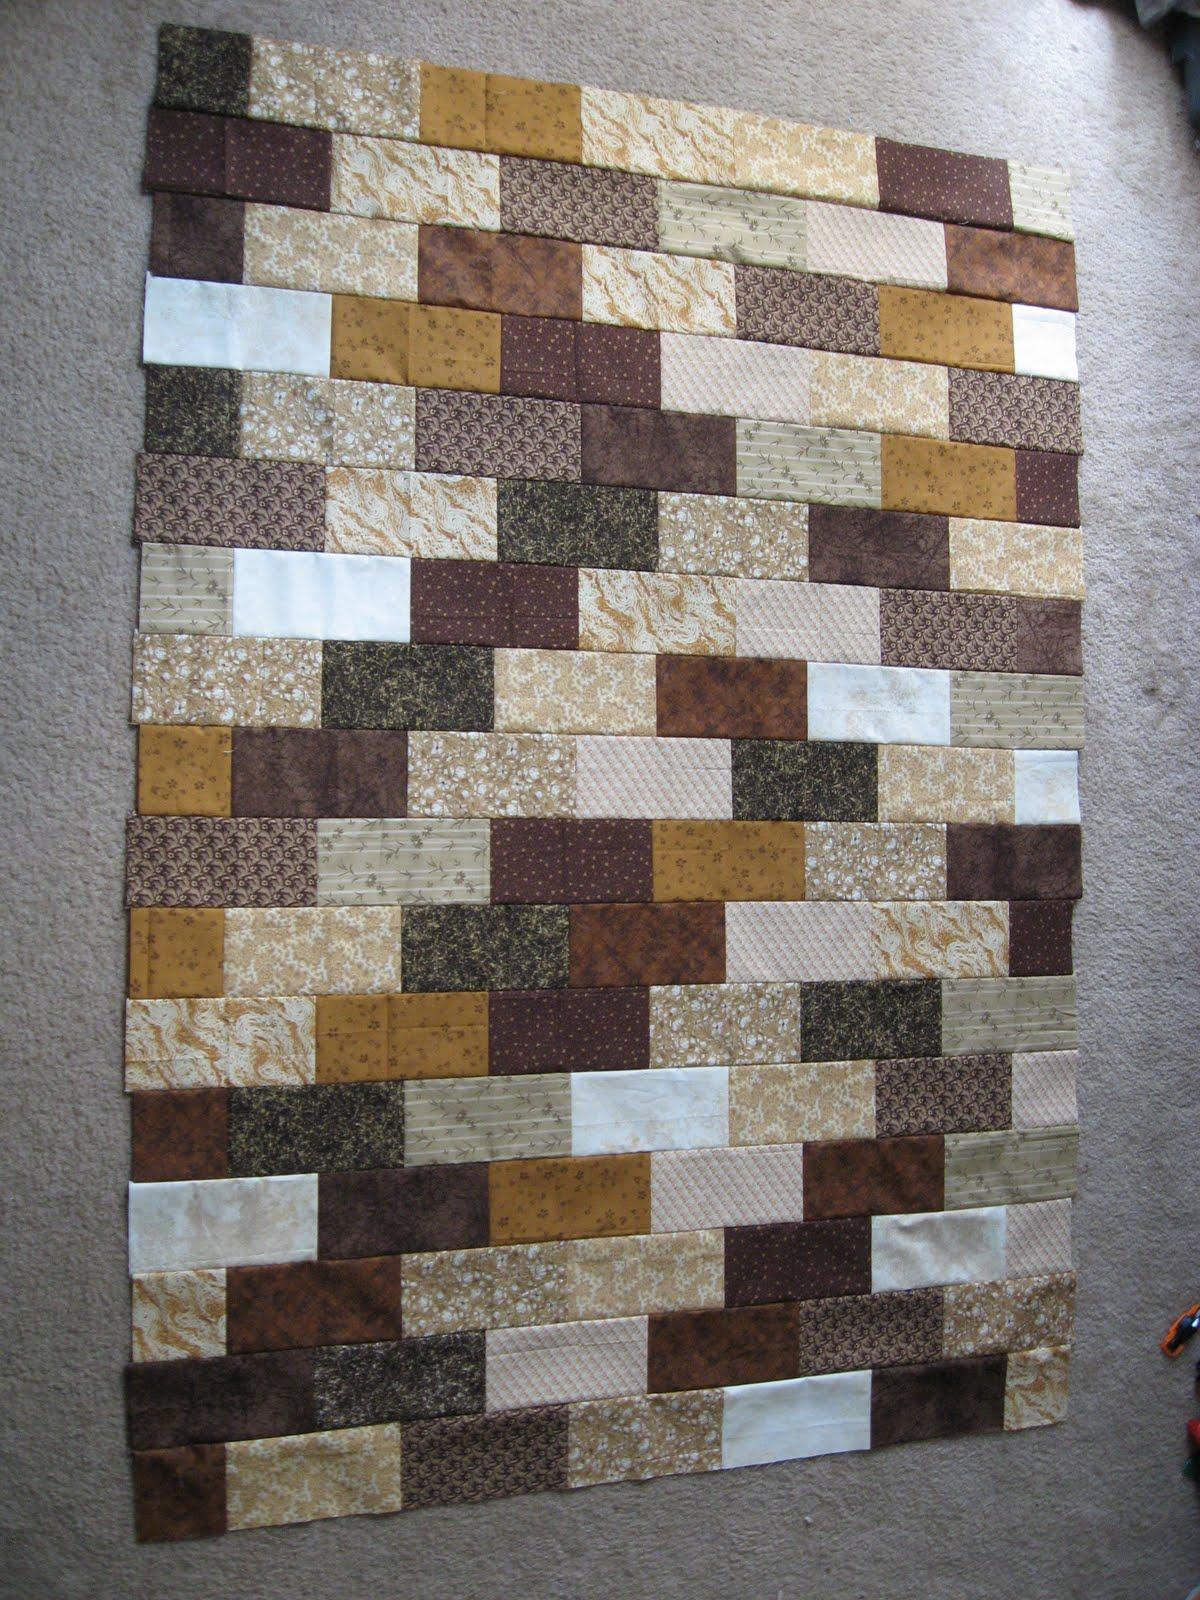 patterns on brick walls - photo #33